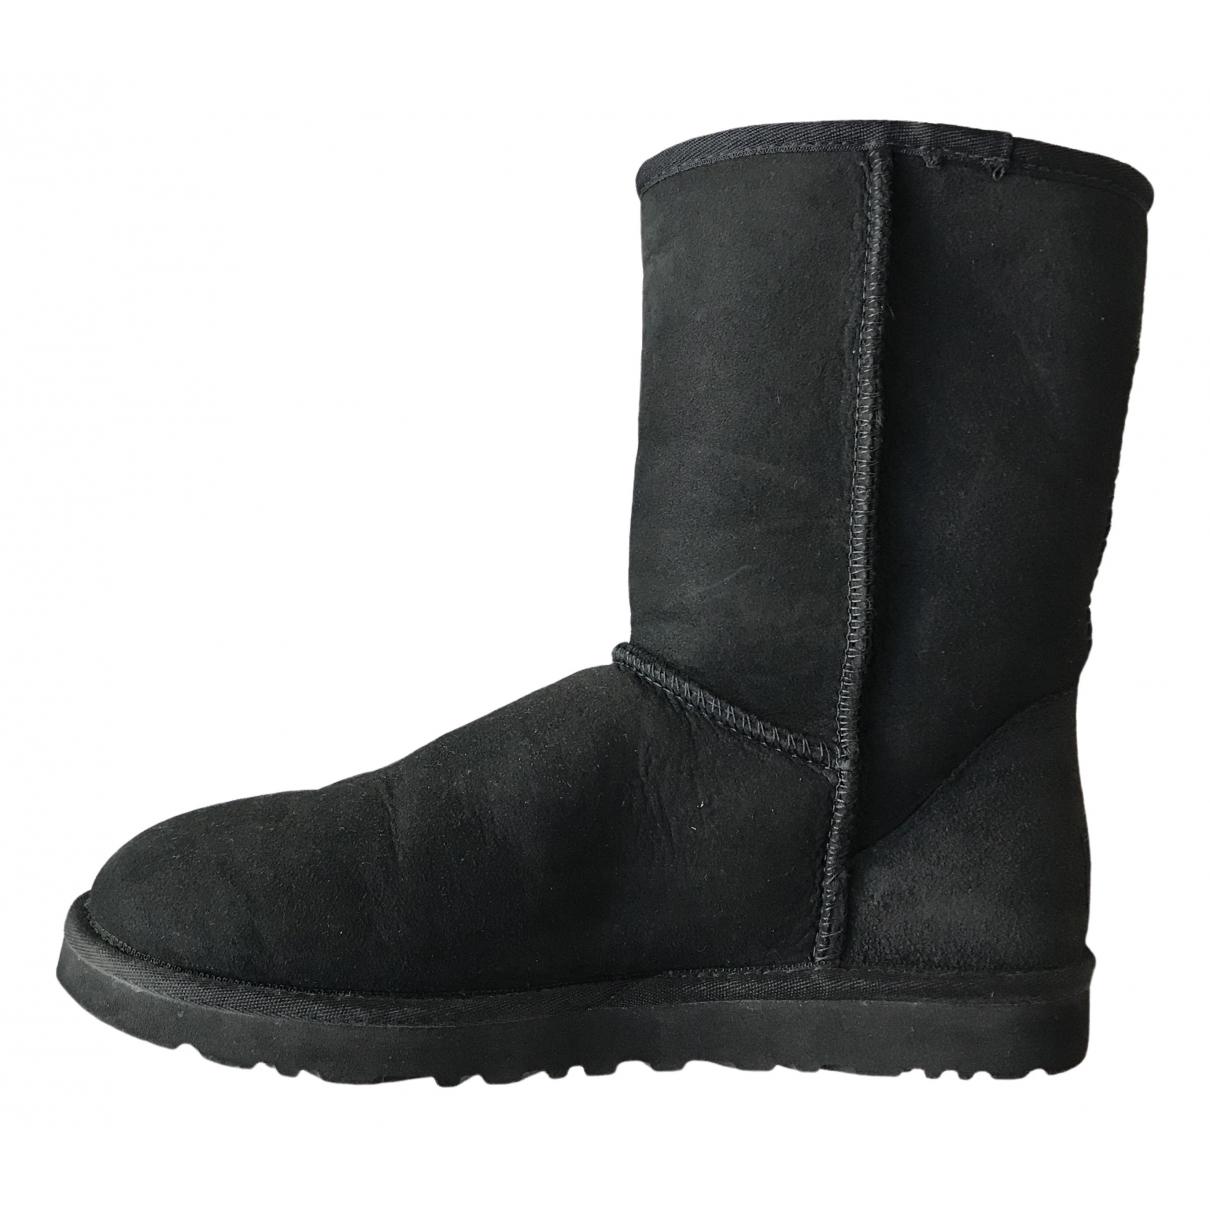 Ugg - Bottes.Boots   pour homme en suede - noir